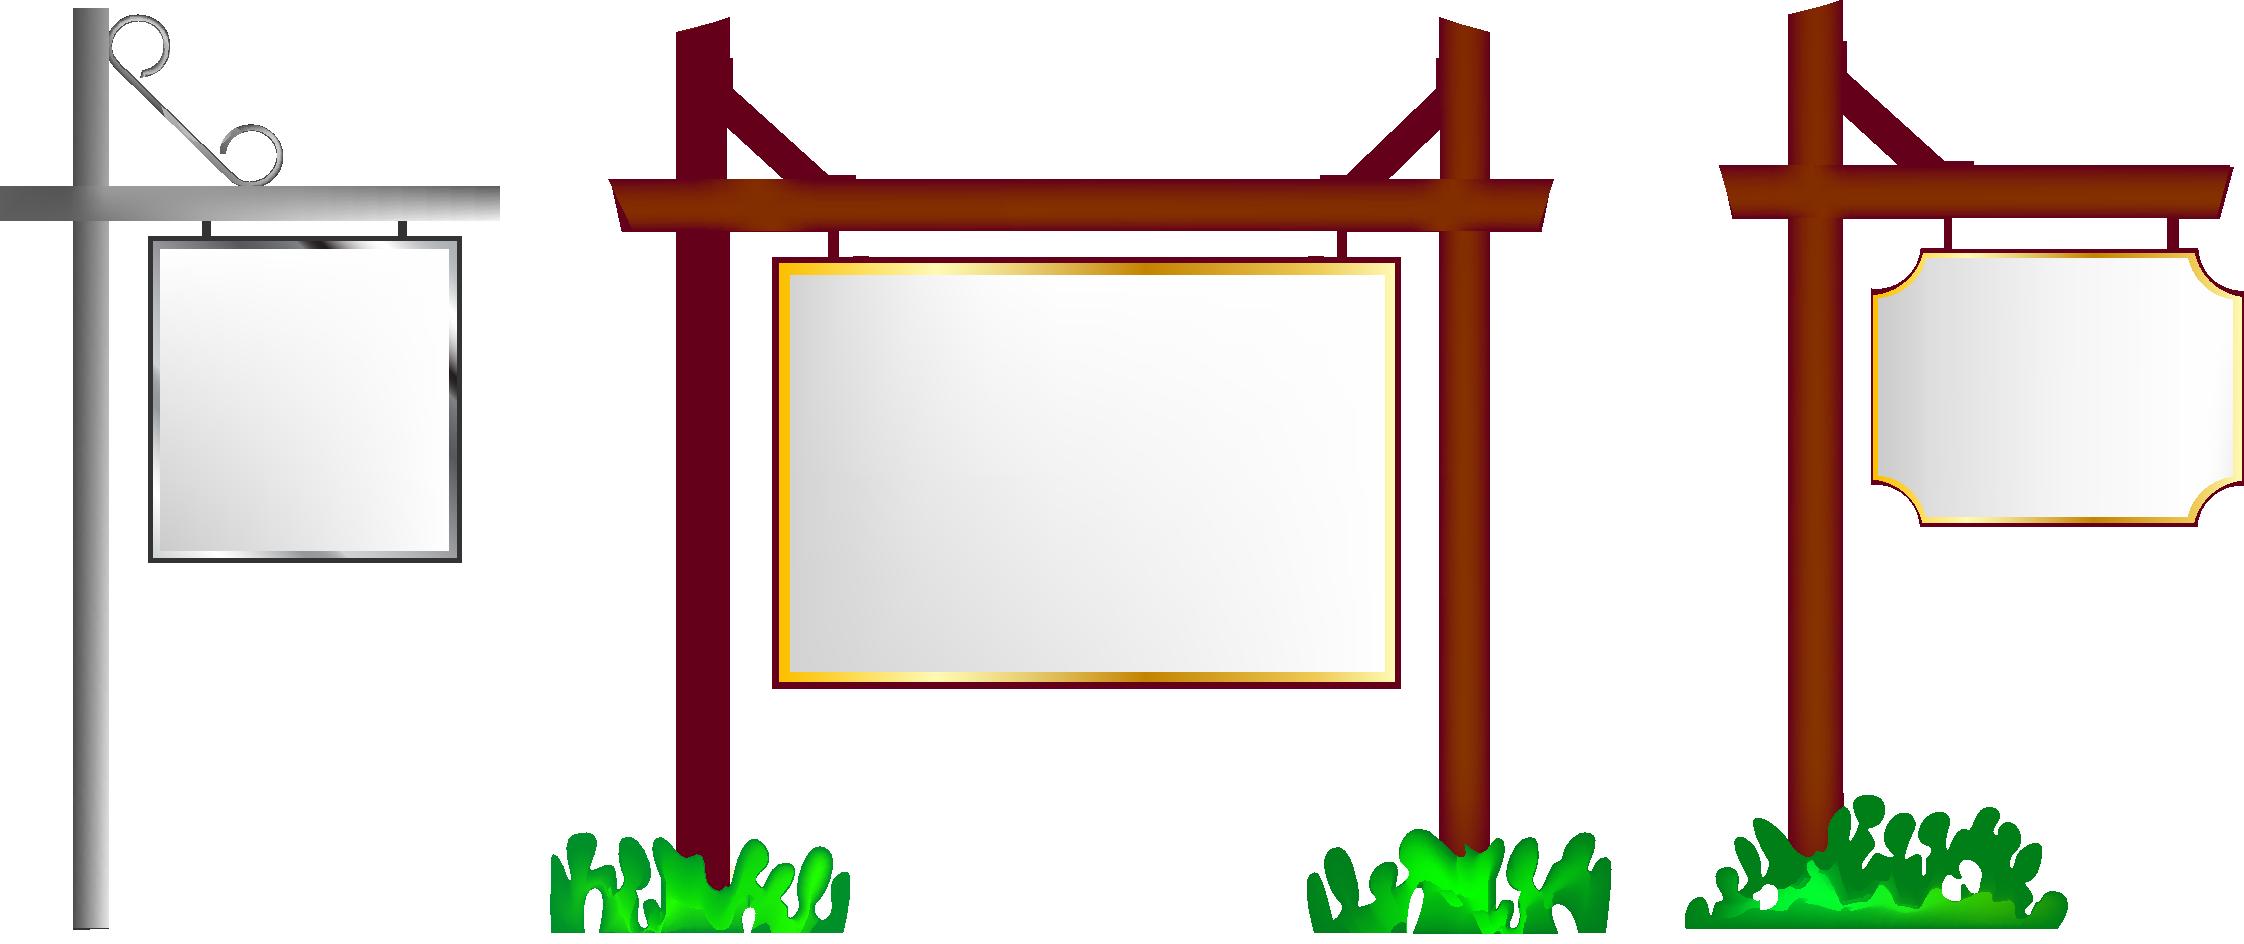 Square clipart square object. Clip art billboard transprent